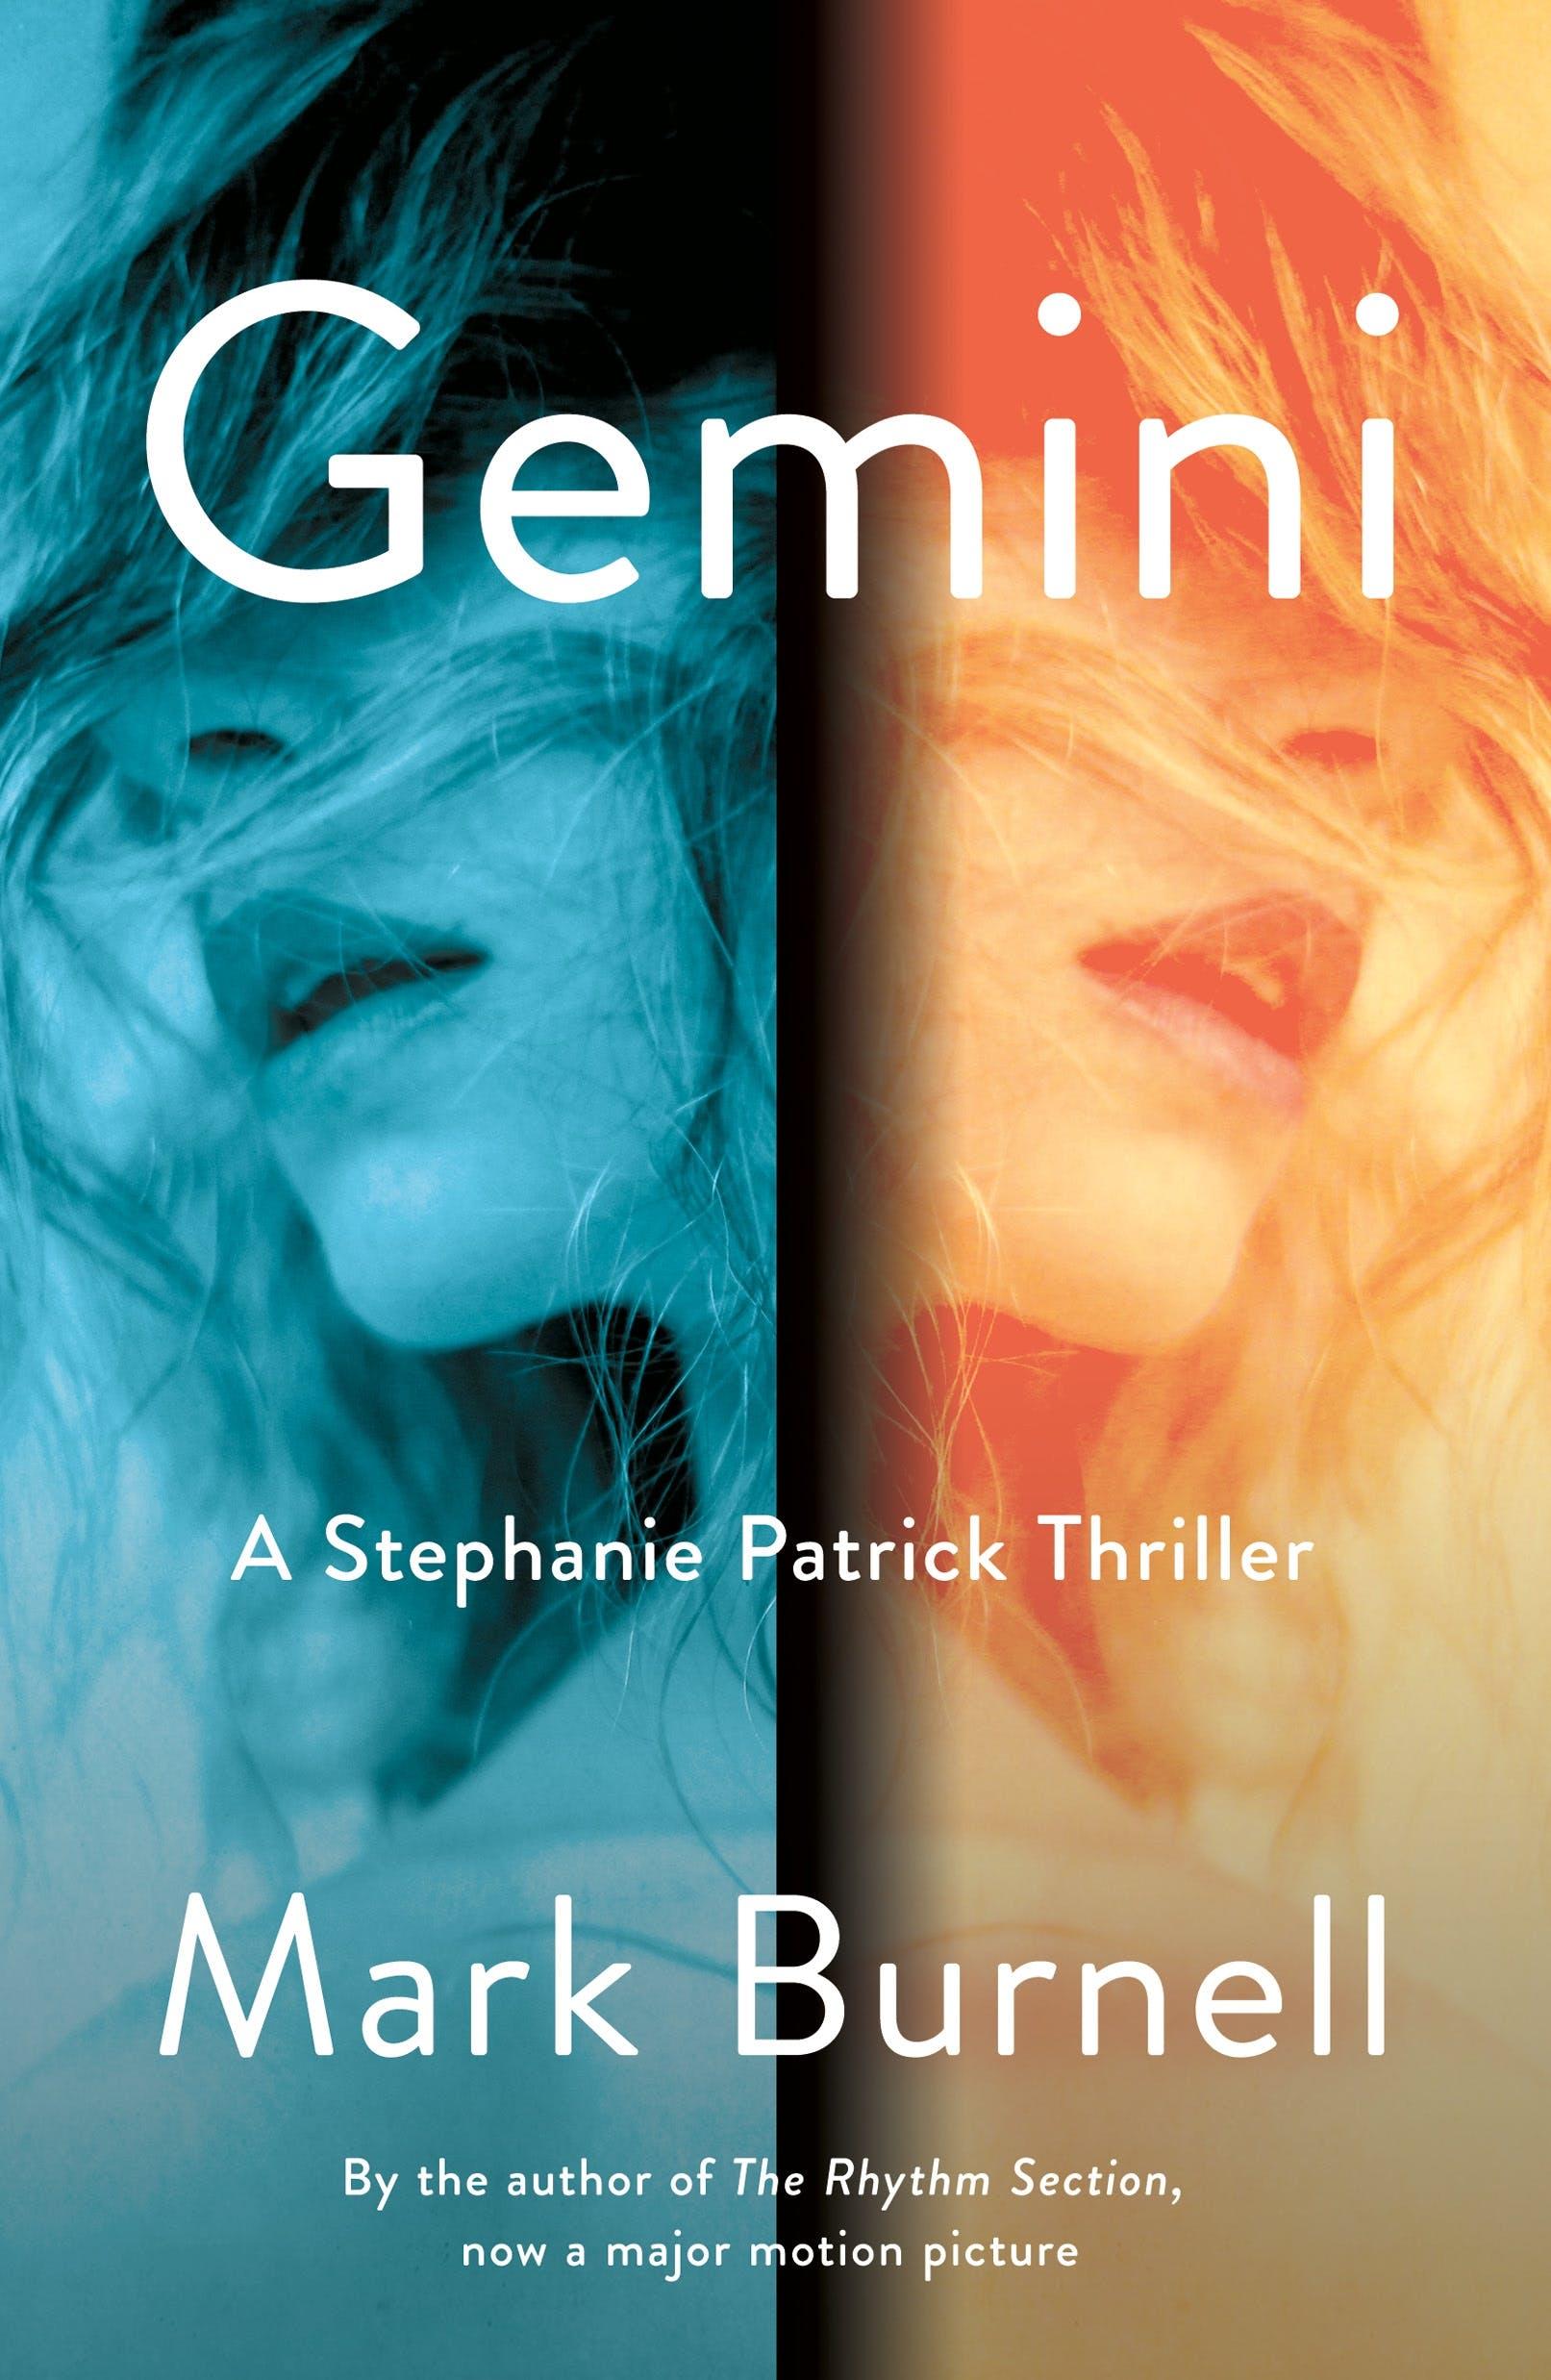 Image of Gemini